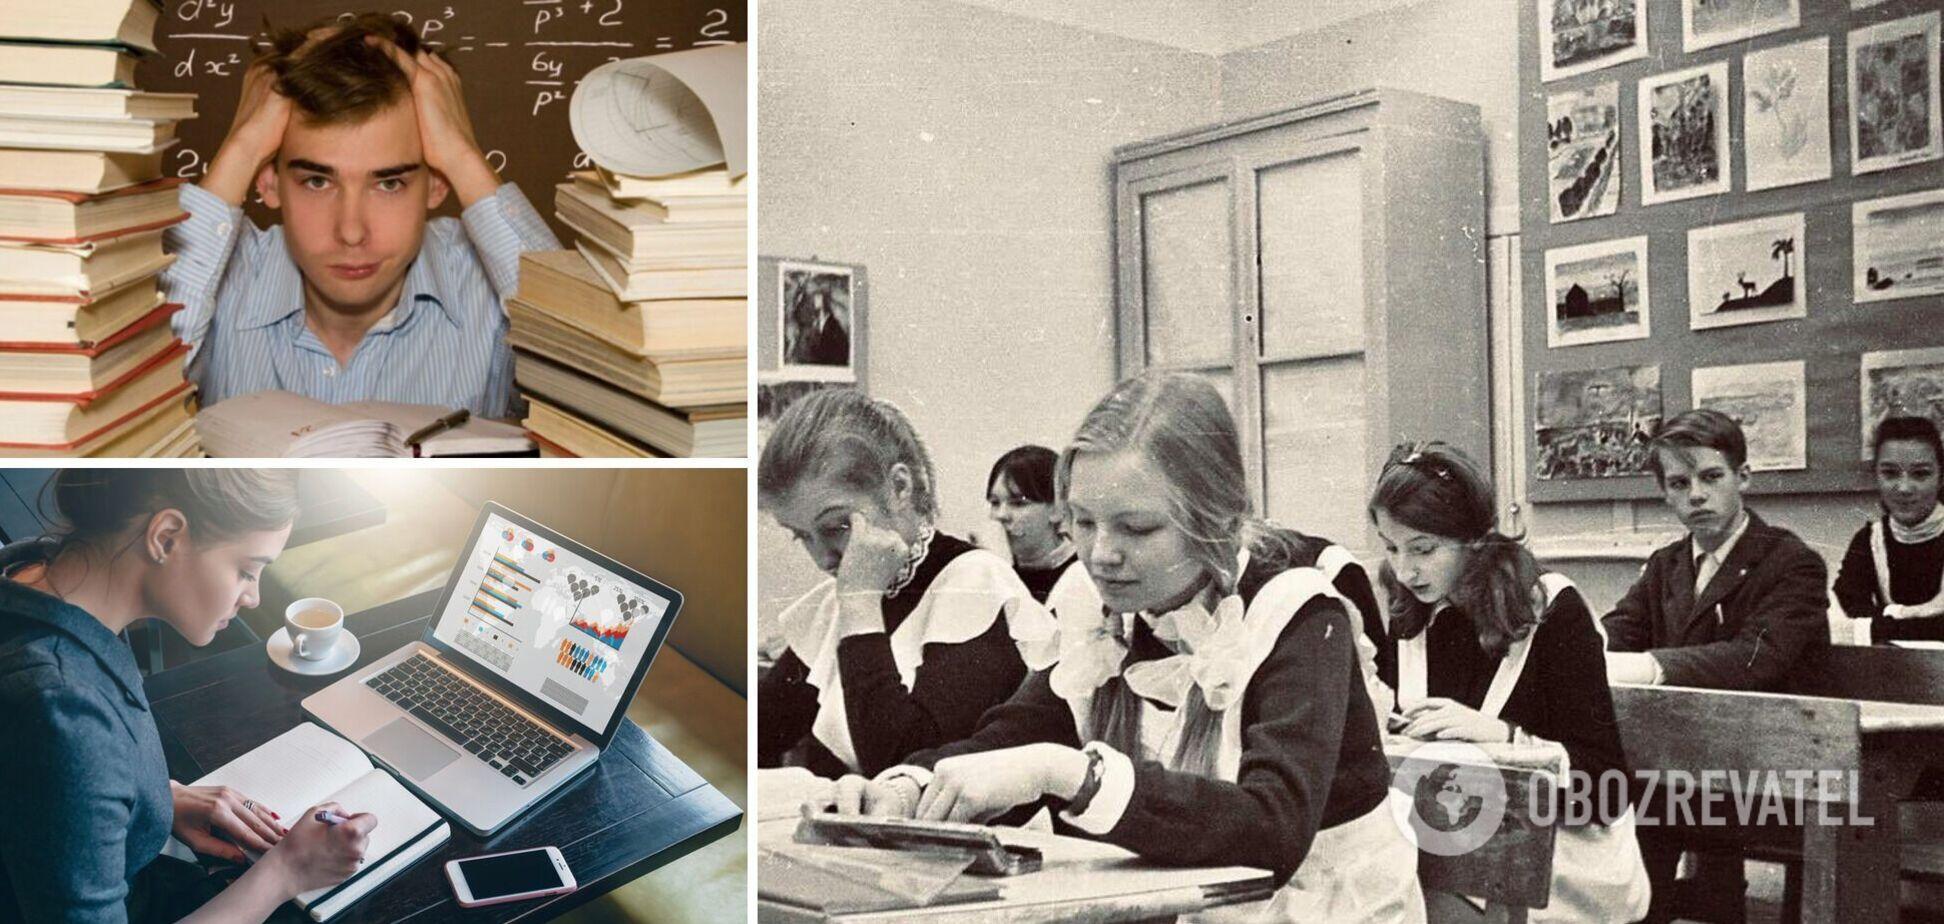 Сучасним школярам набагато легше навчатися